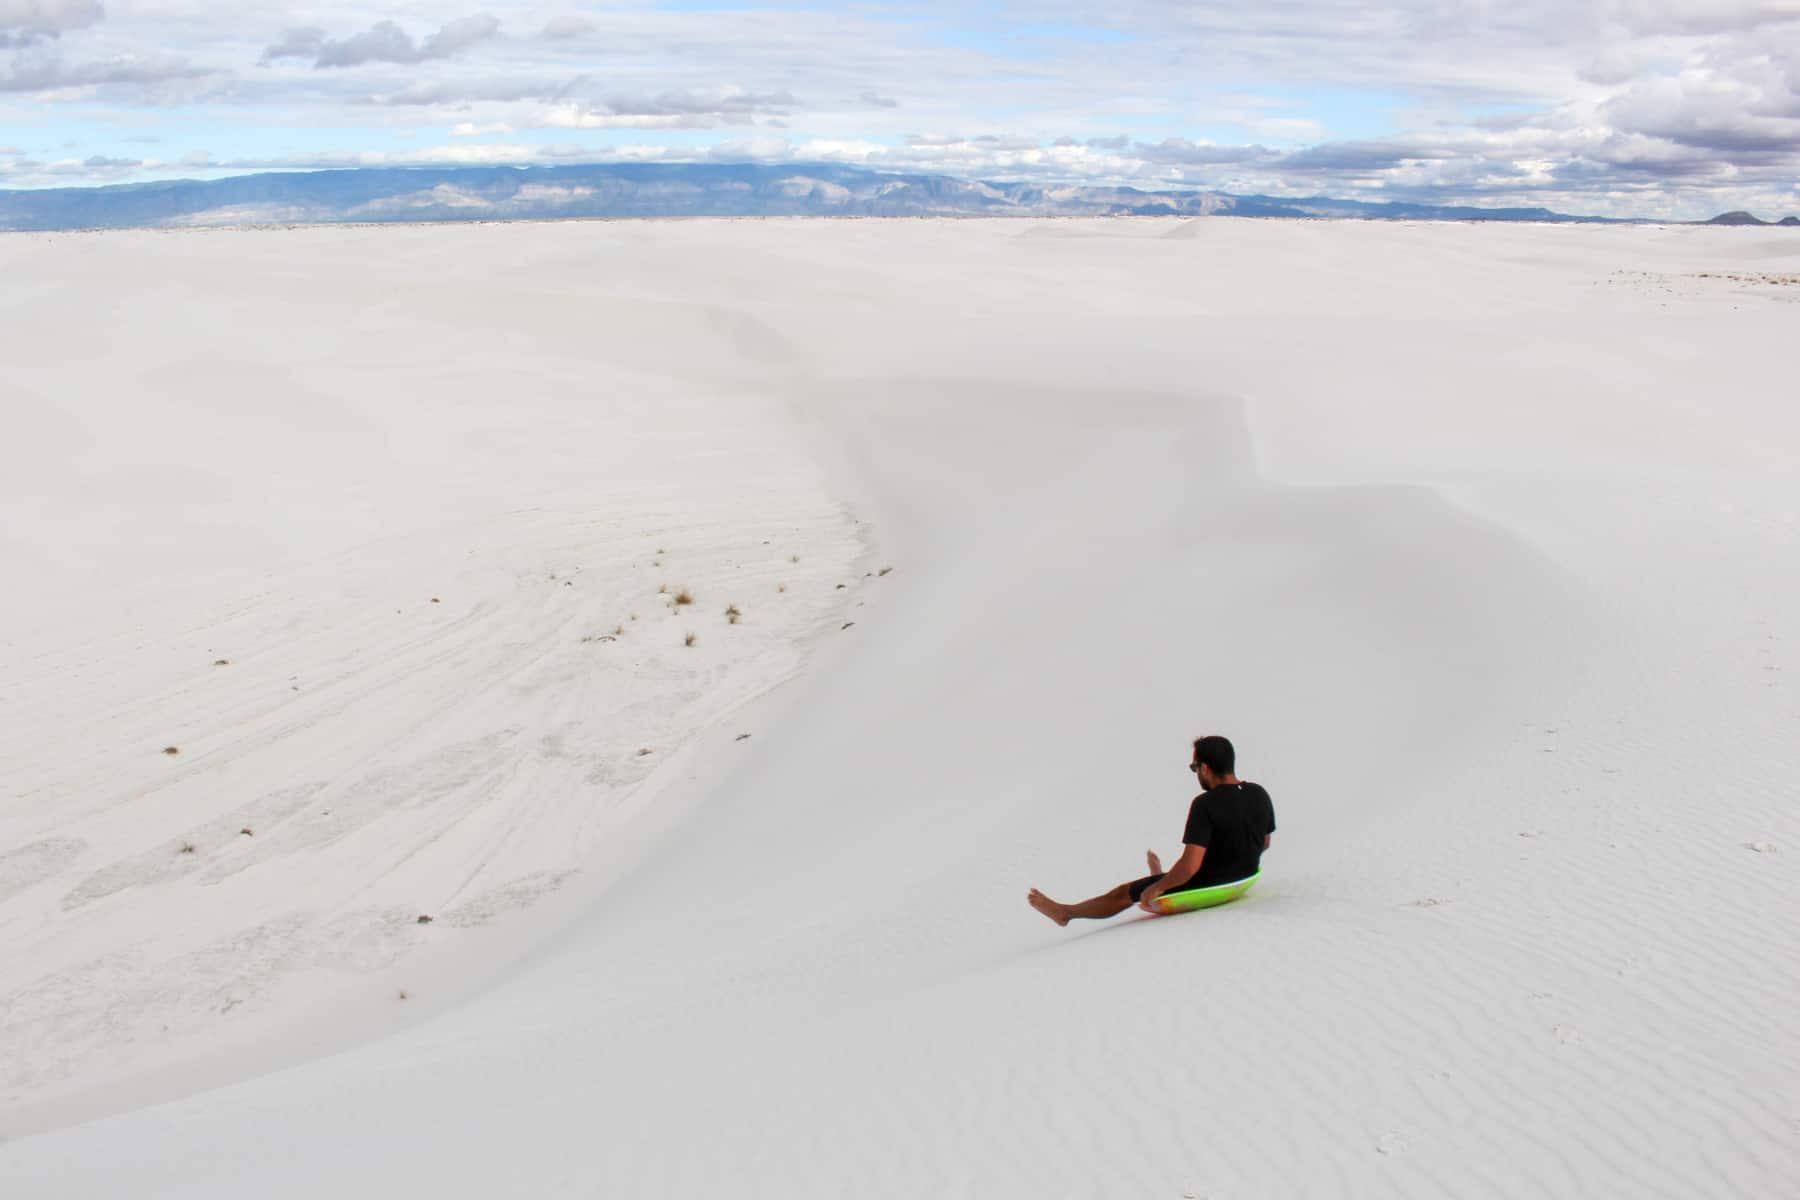 Sledding at White Sands National Monument